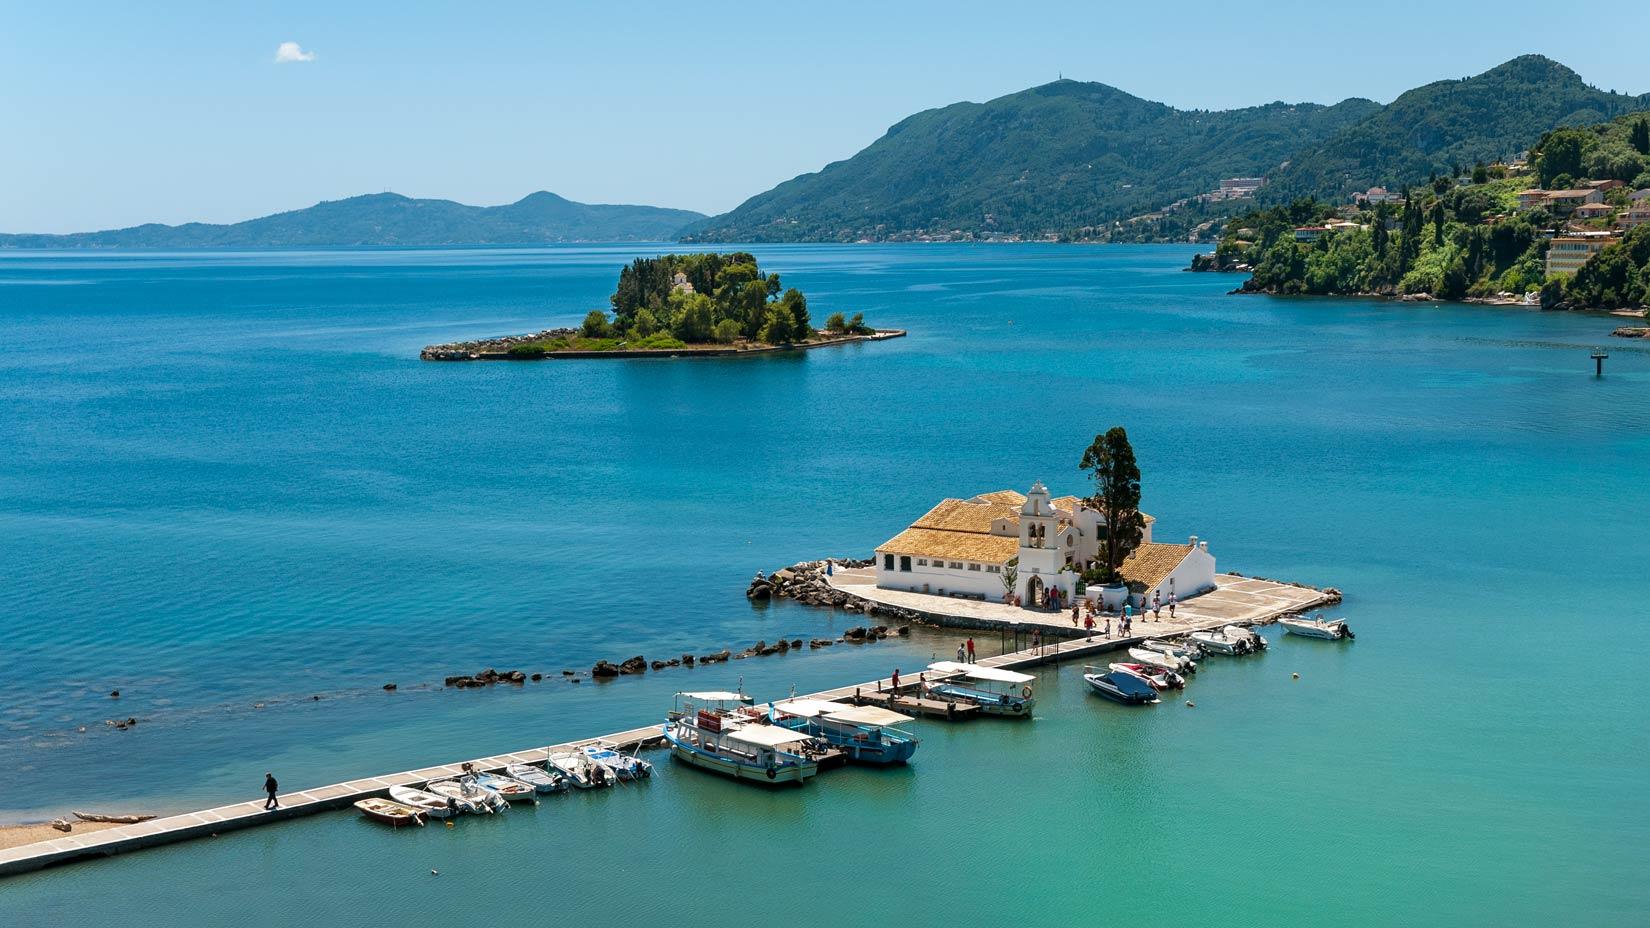 Vidět takto na živo panorama Myšího ostrova a Pontikonisi můžete z terasy Royal Boutique Café.